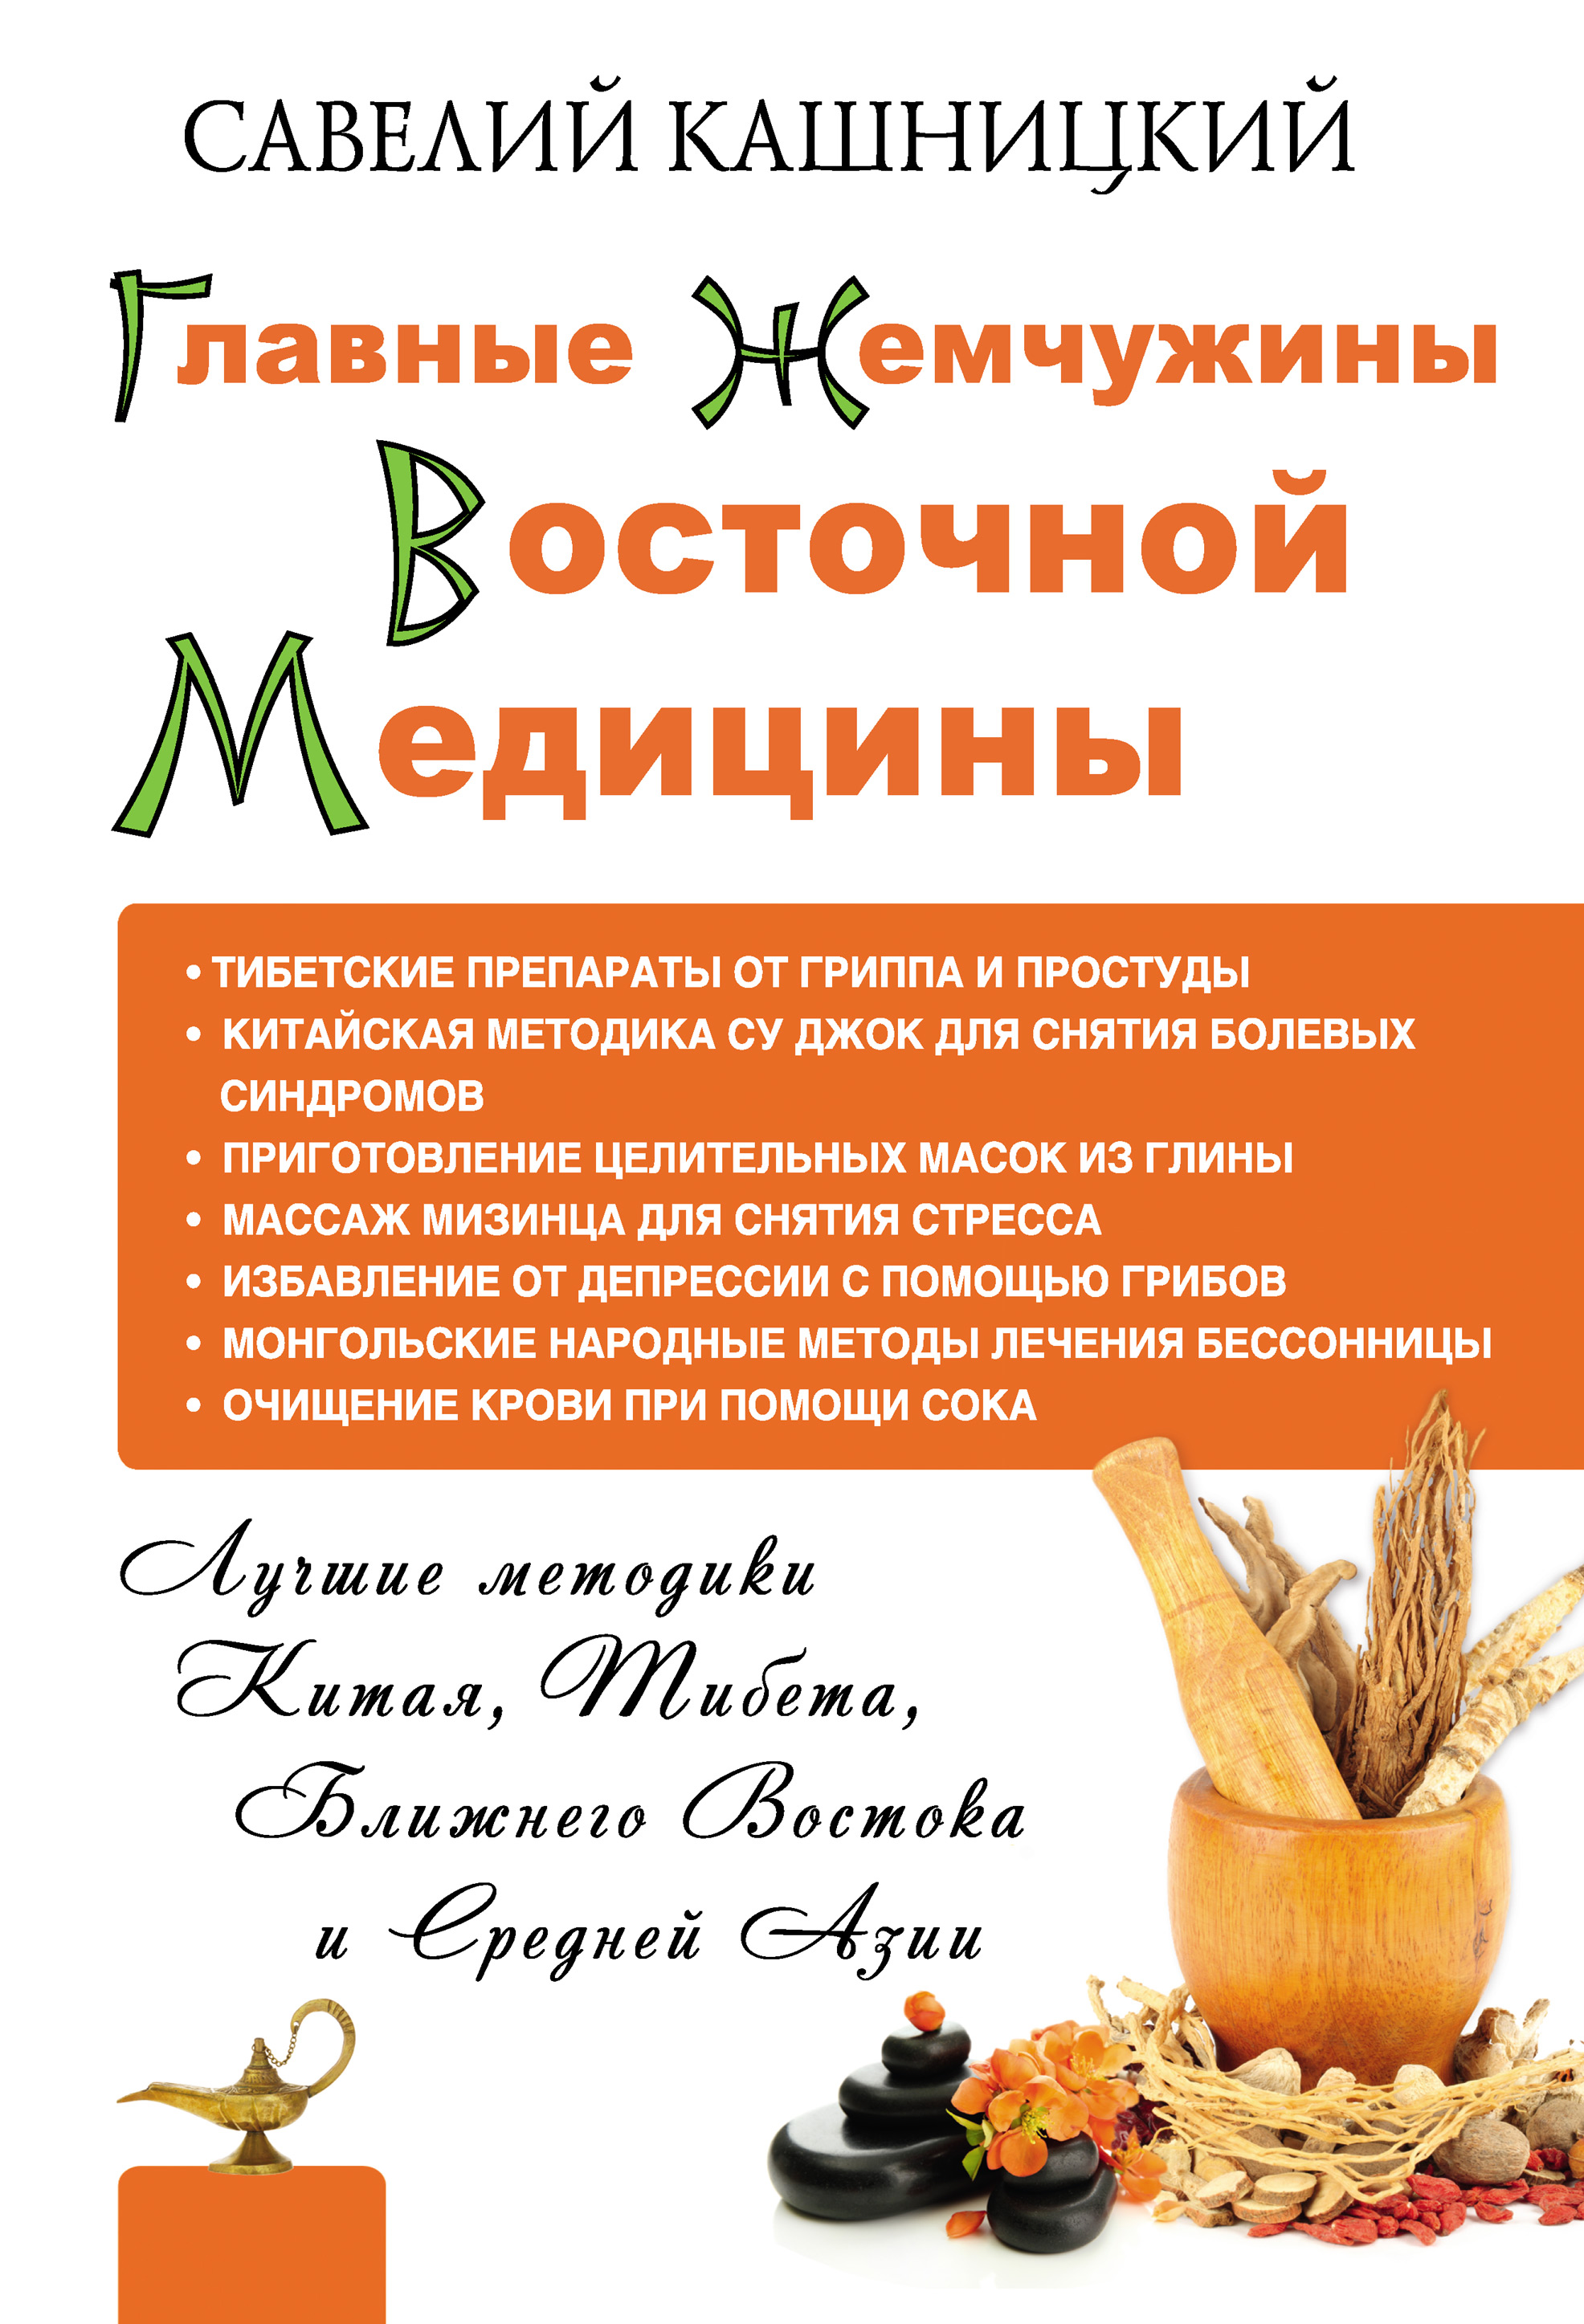 Савелий Кашницкий Главные жемчужины восточной медицины